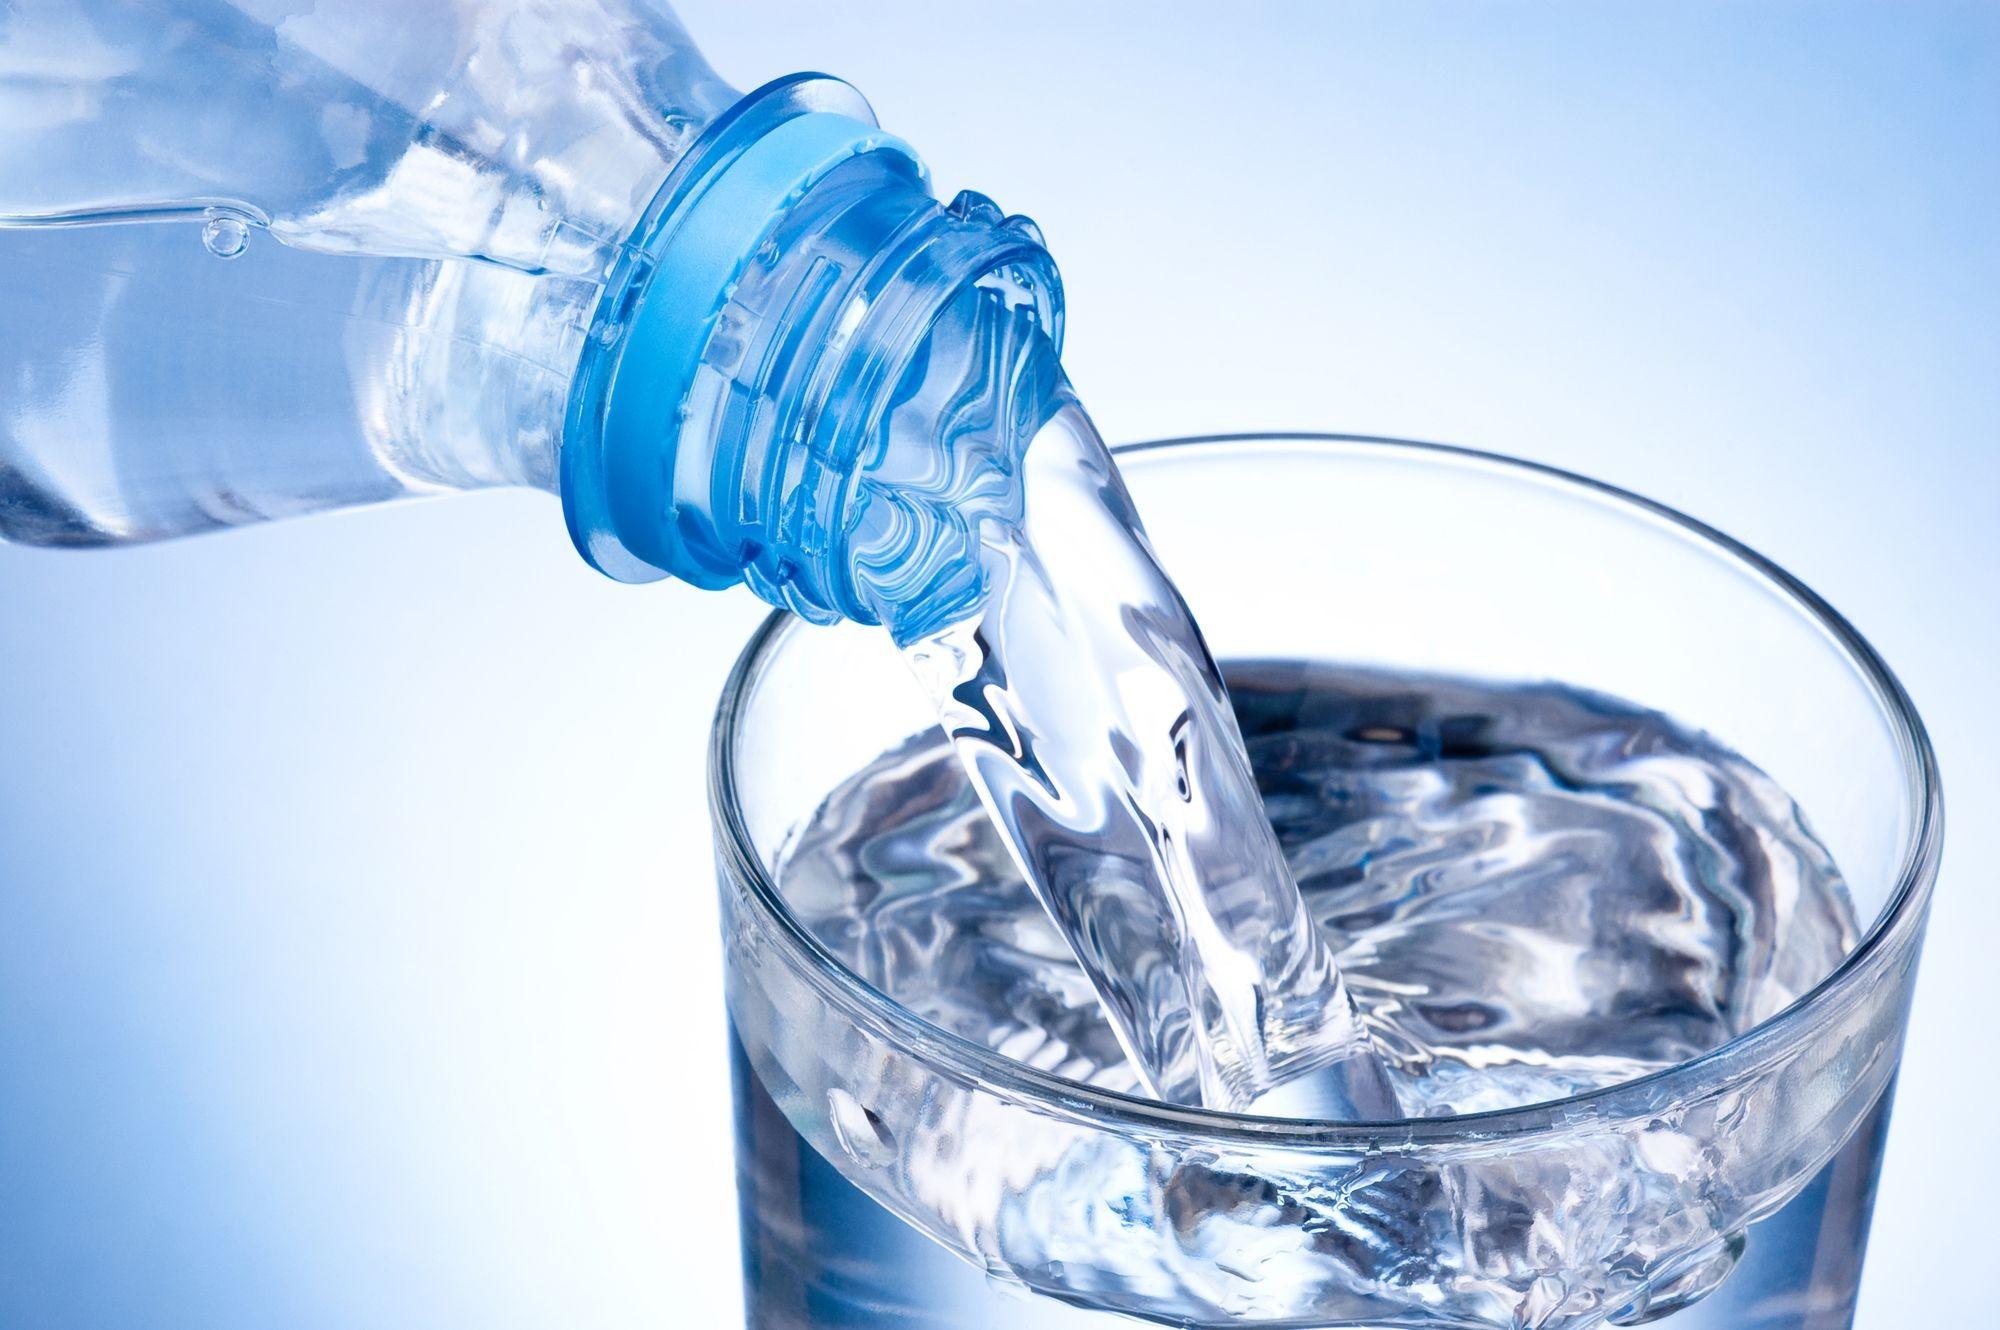 Kapacitásbővítő beruházás a soltvadkerti Phoenix-Drink Kft.-nél